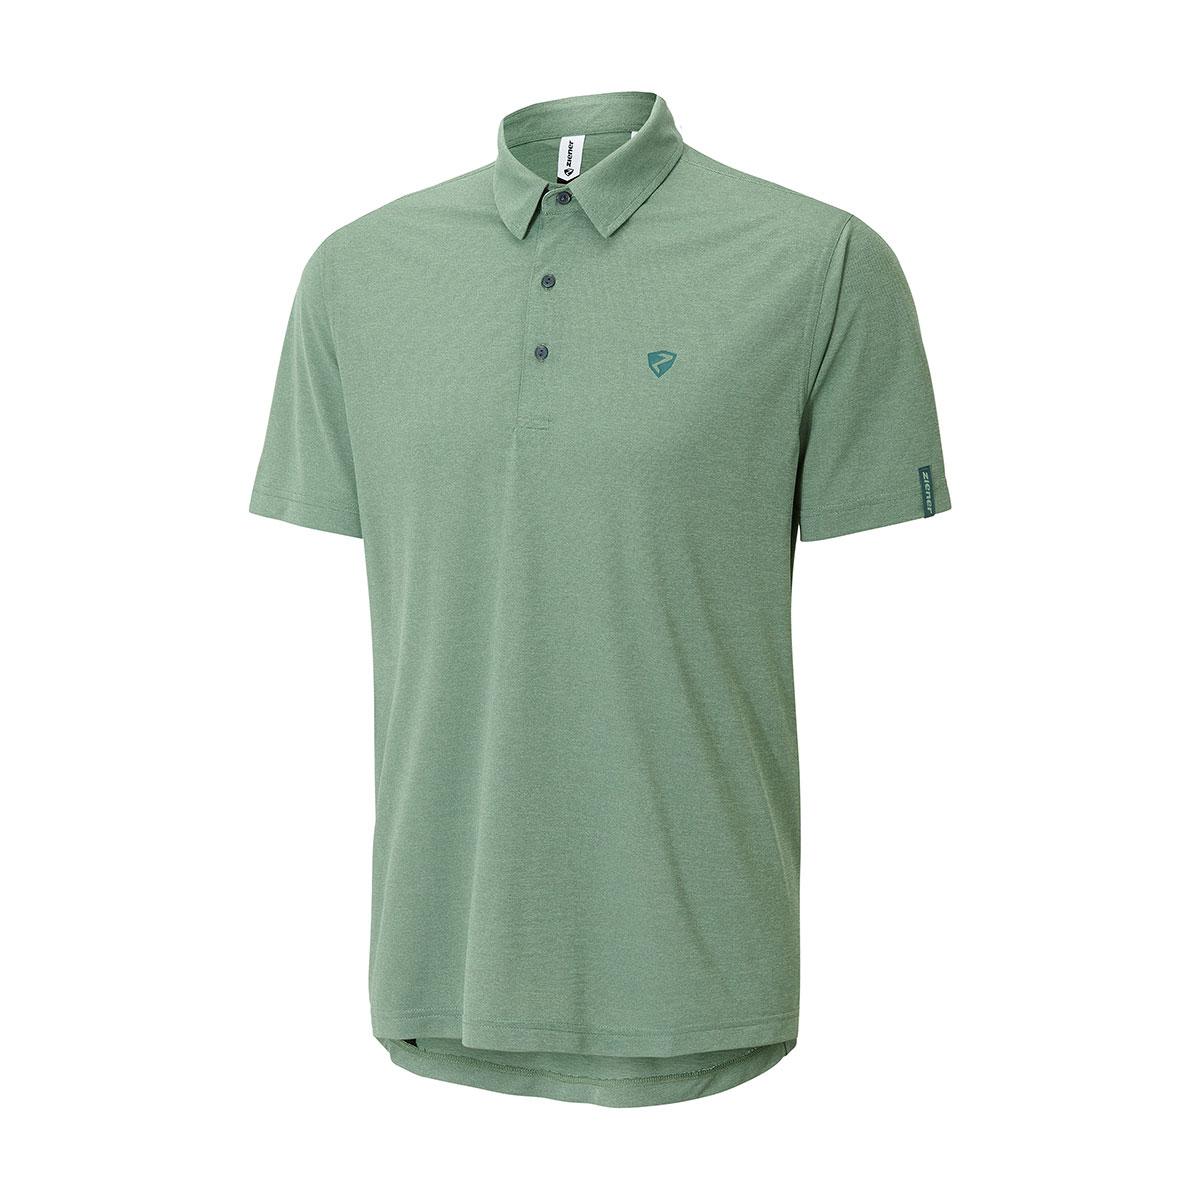 Ziener Herren Cale Man Polo Shirt